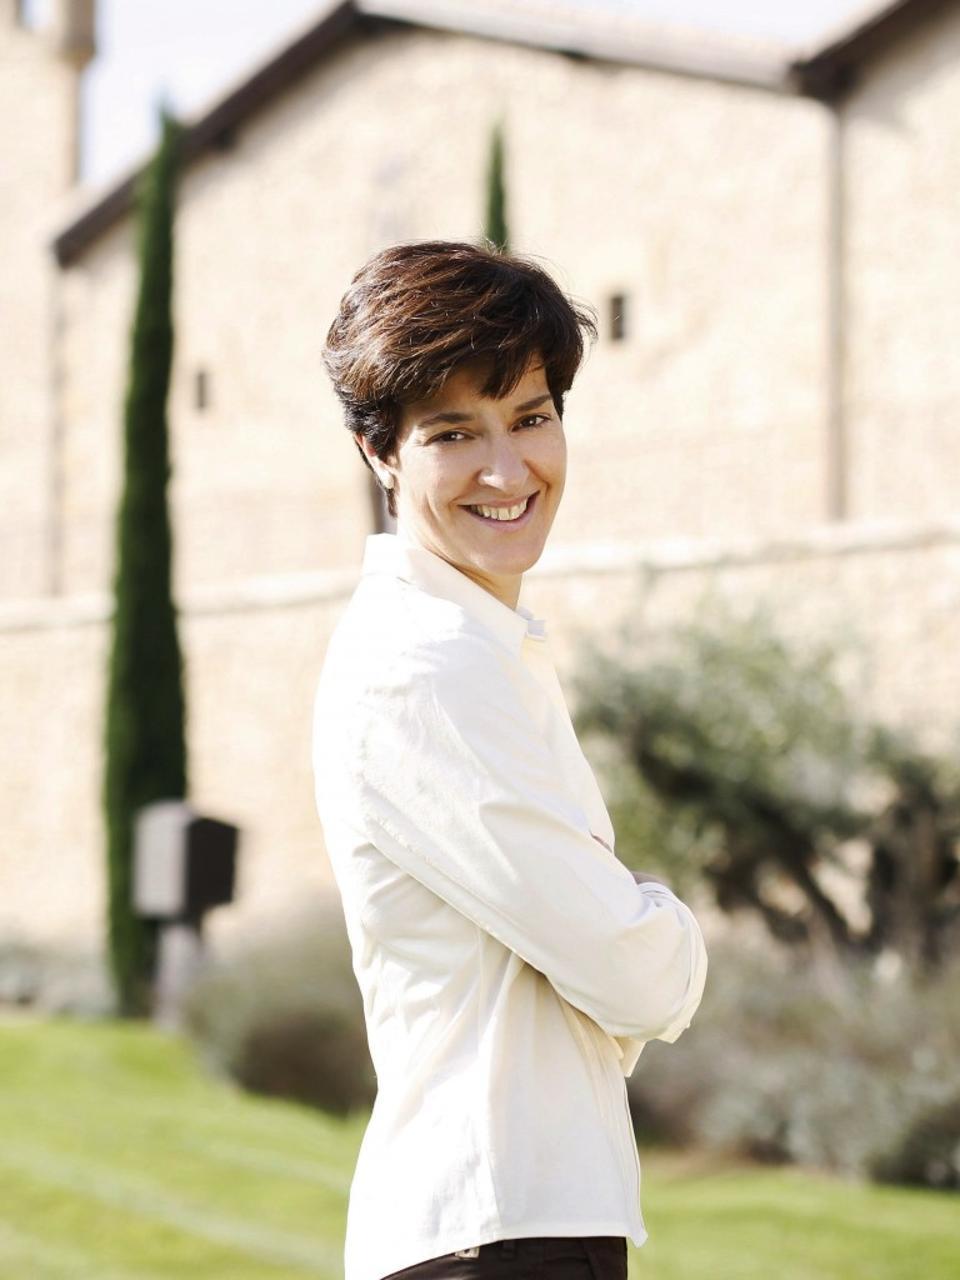 Maria Vargas, Marqués de Murrieta winemaker